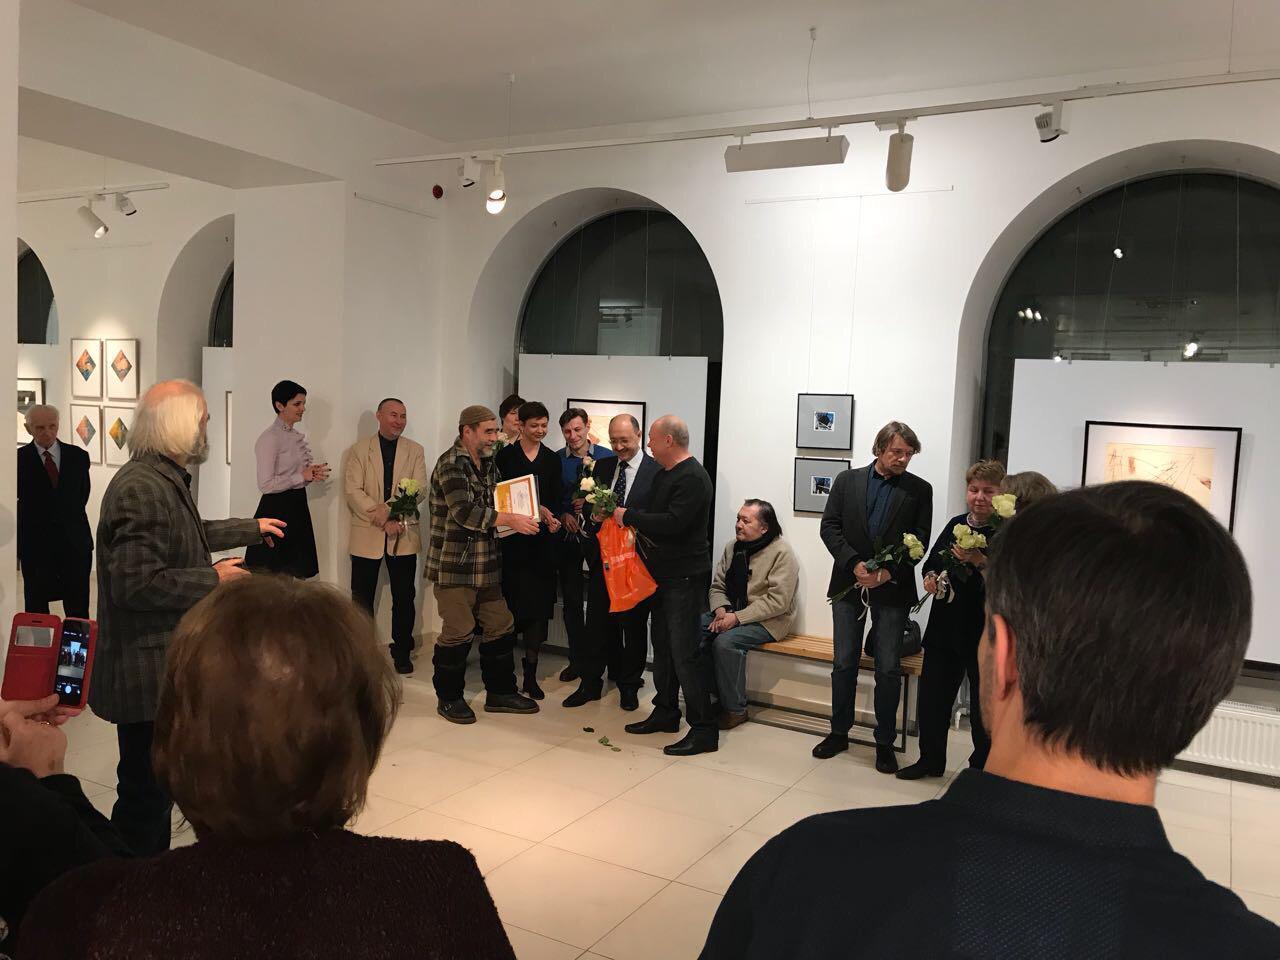 Вручение награды Азату Кужину – победителю народного рейтинга «Любимые художники Башкрии» в номинации «Актуальное искусство»